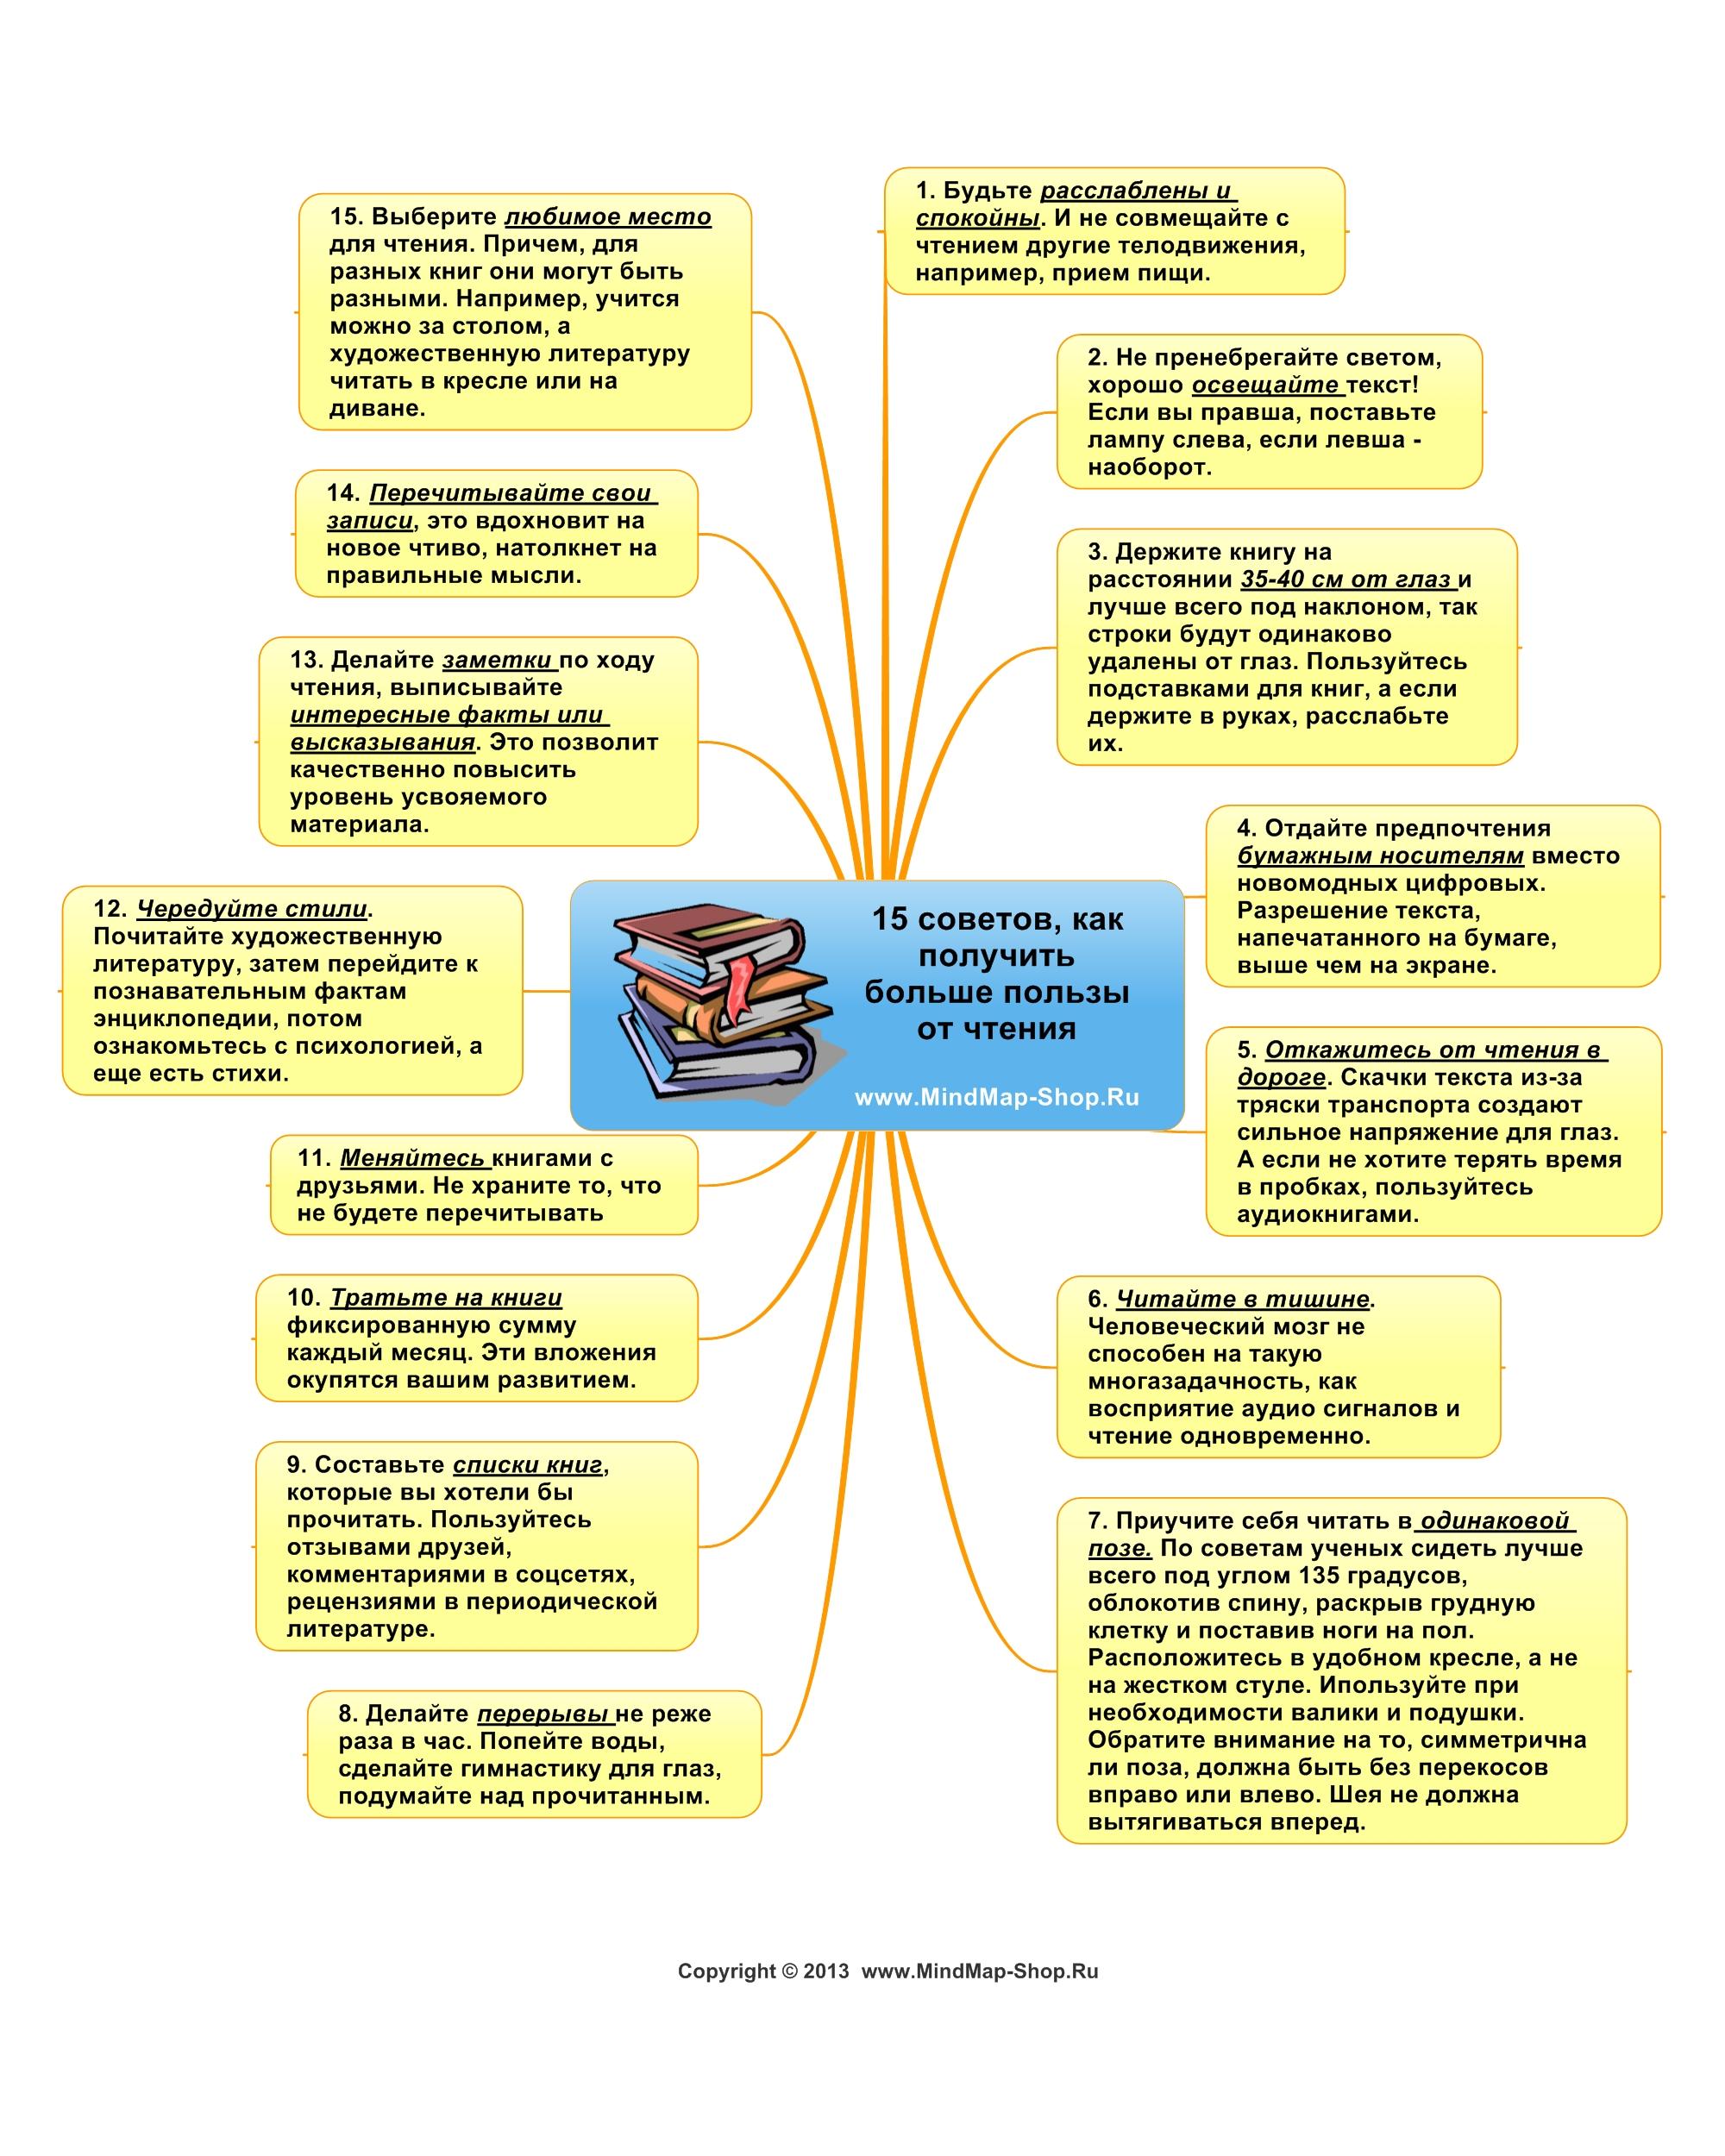 Как сделать выборку по психологии